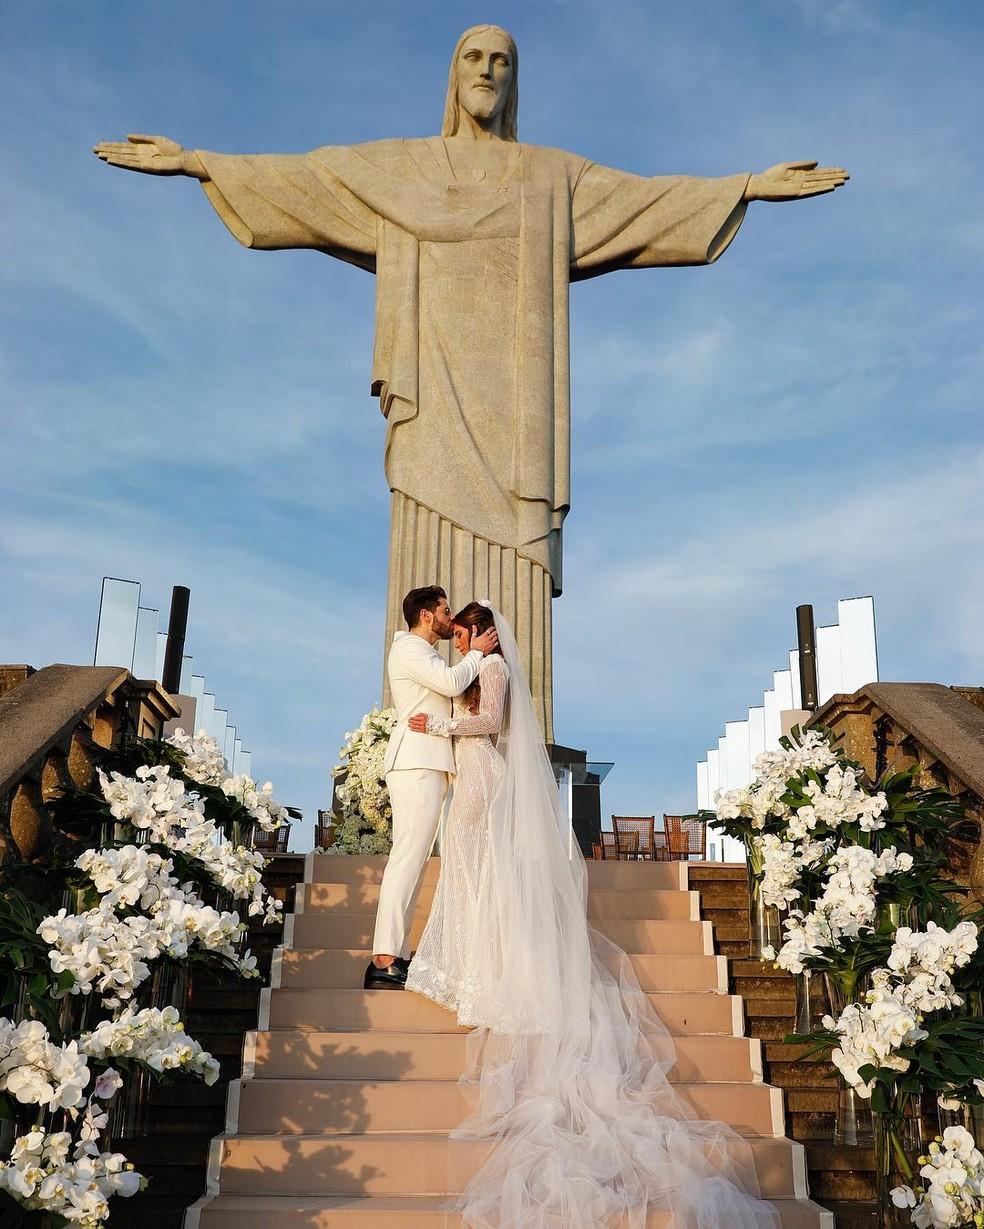 O casamento aos pés do Cristo Redentor fez o maior sucesso — Foto: Reprodução/Instagram